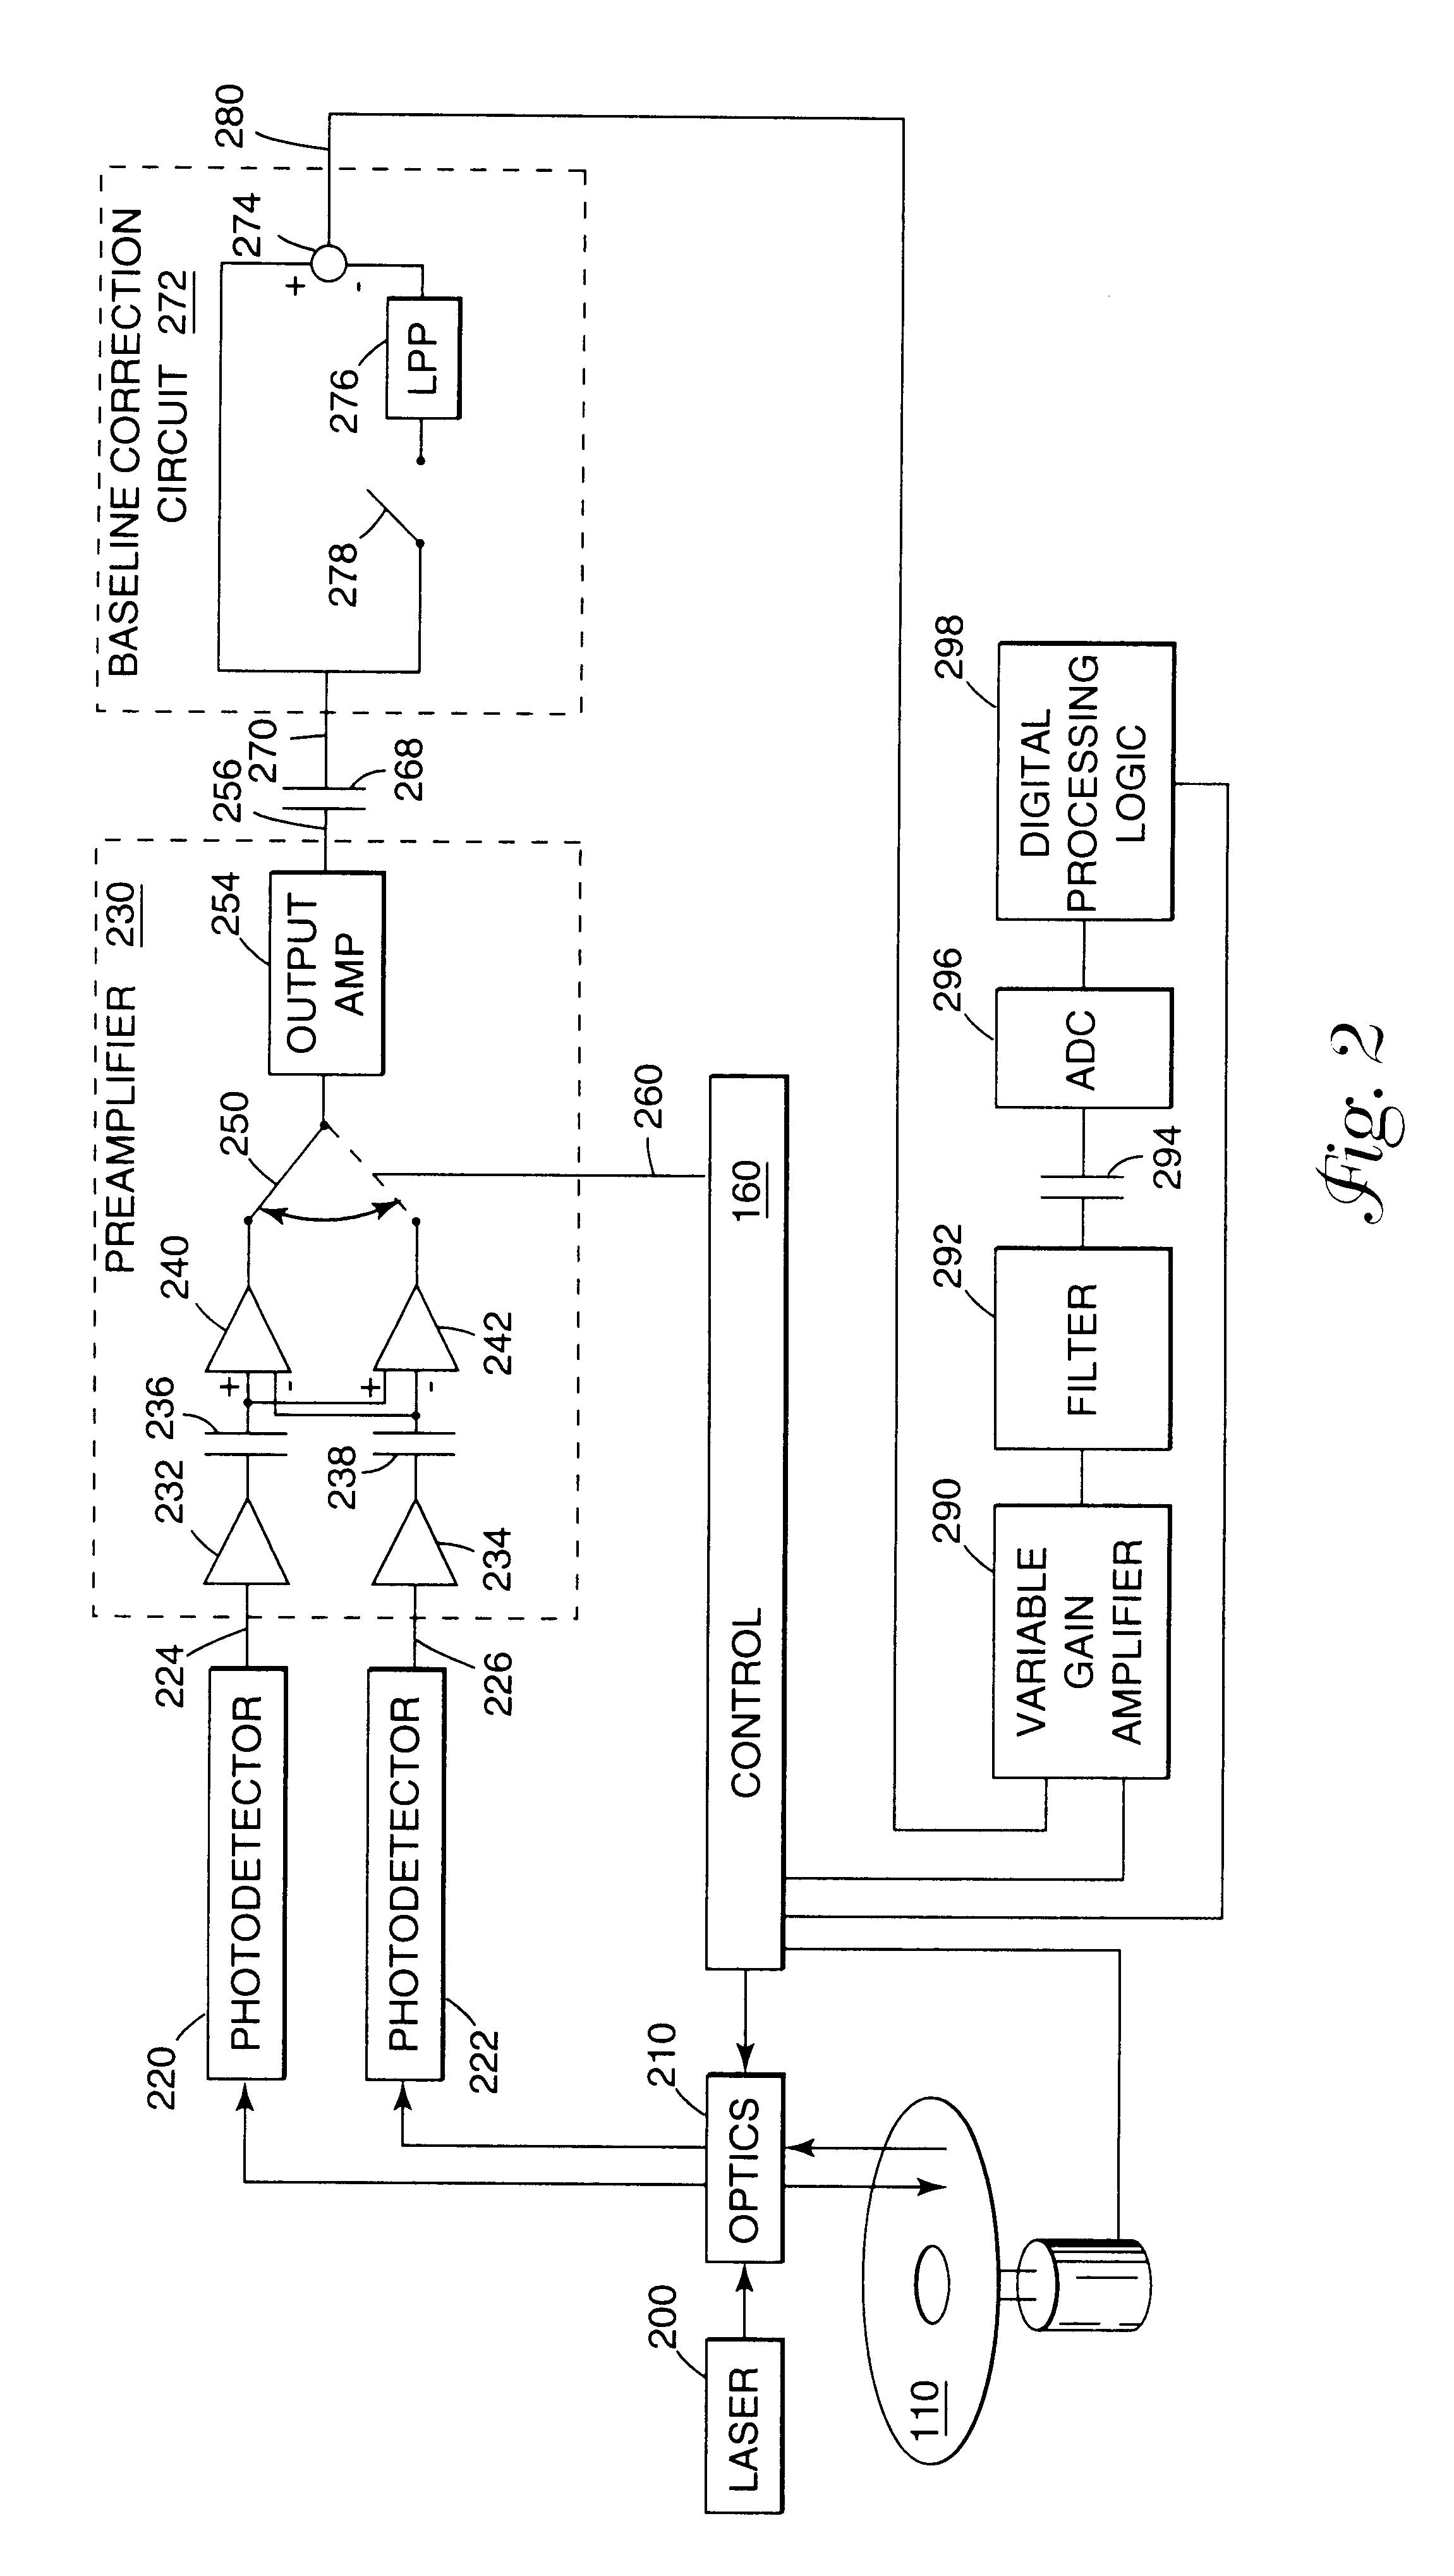 patent us6181177